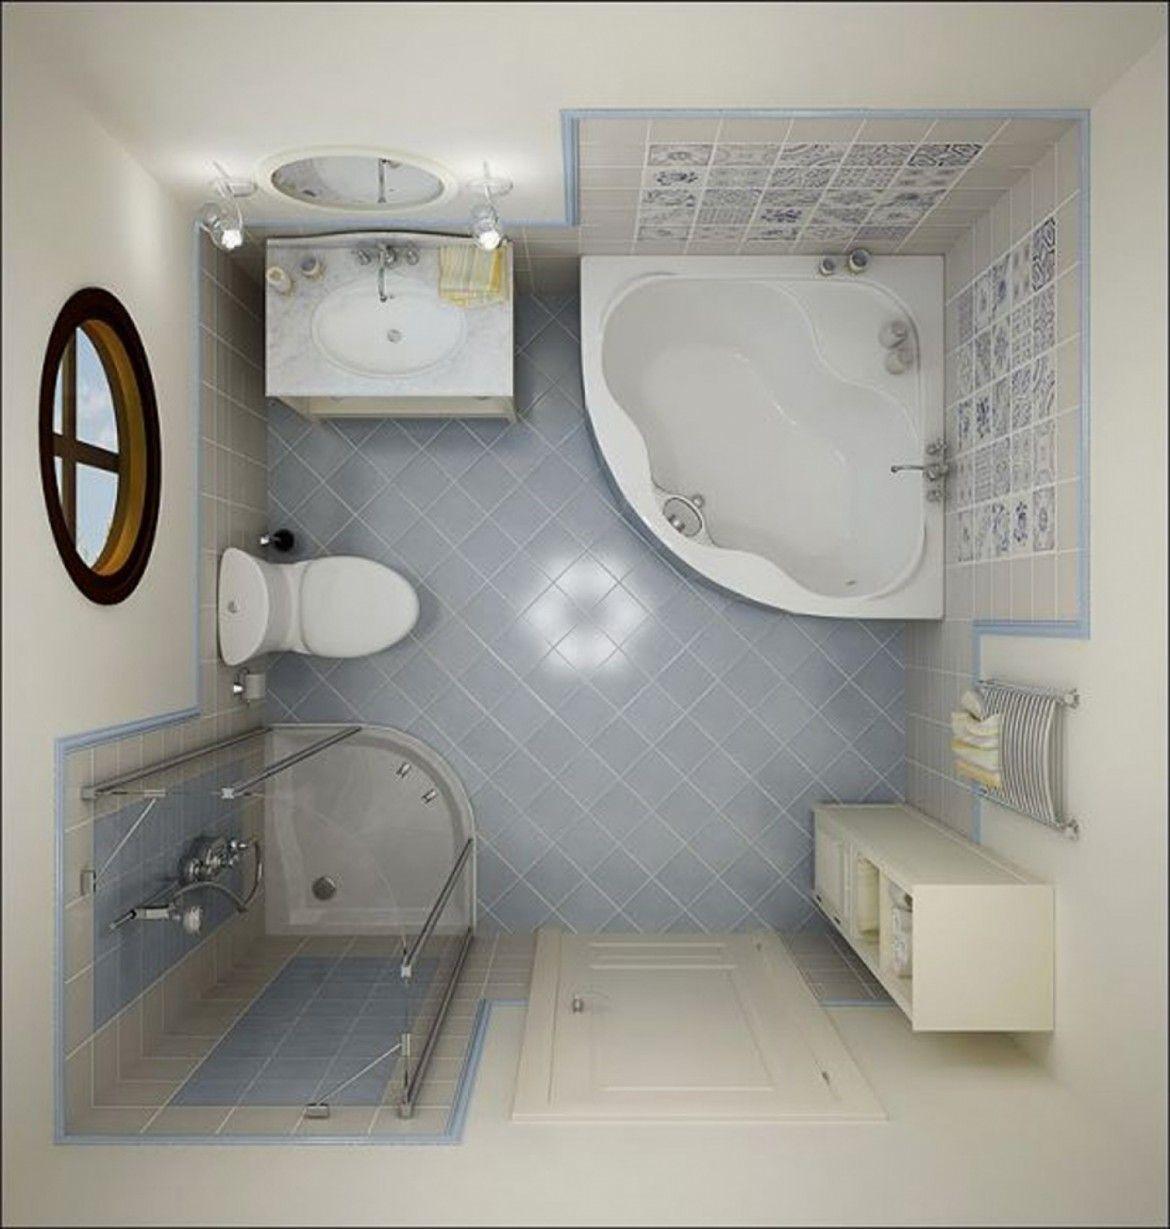 Design plan remodel tile renovations decor flooring backsplash